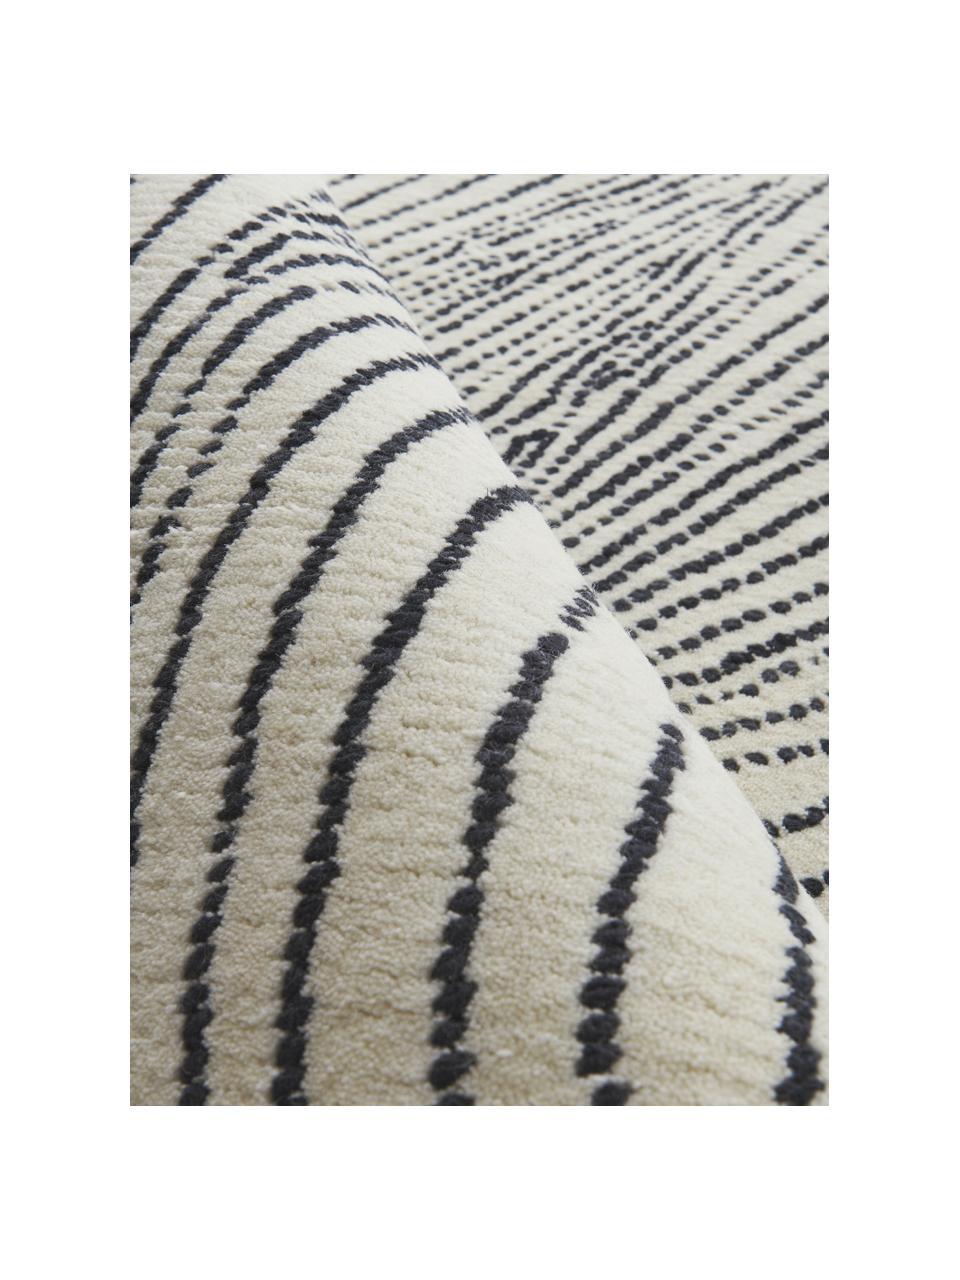 Handgeweven wollen vloerkleed Waverly met golfpatroon, 100% wol Bij wollen vloerkleden kunnen vezels loskomen in de eerste weken van gebruik, dit neemt af door dagelijks gebruik en pluizen wordt verminderd., Wit, zwart, B 160 x L 230 cm (maat M)